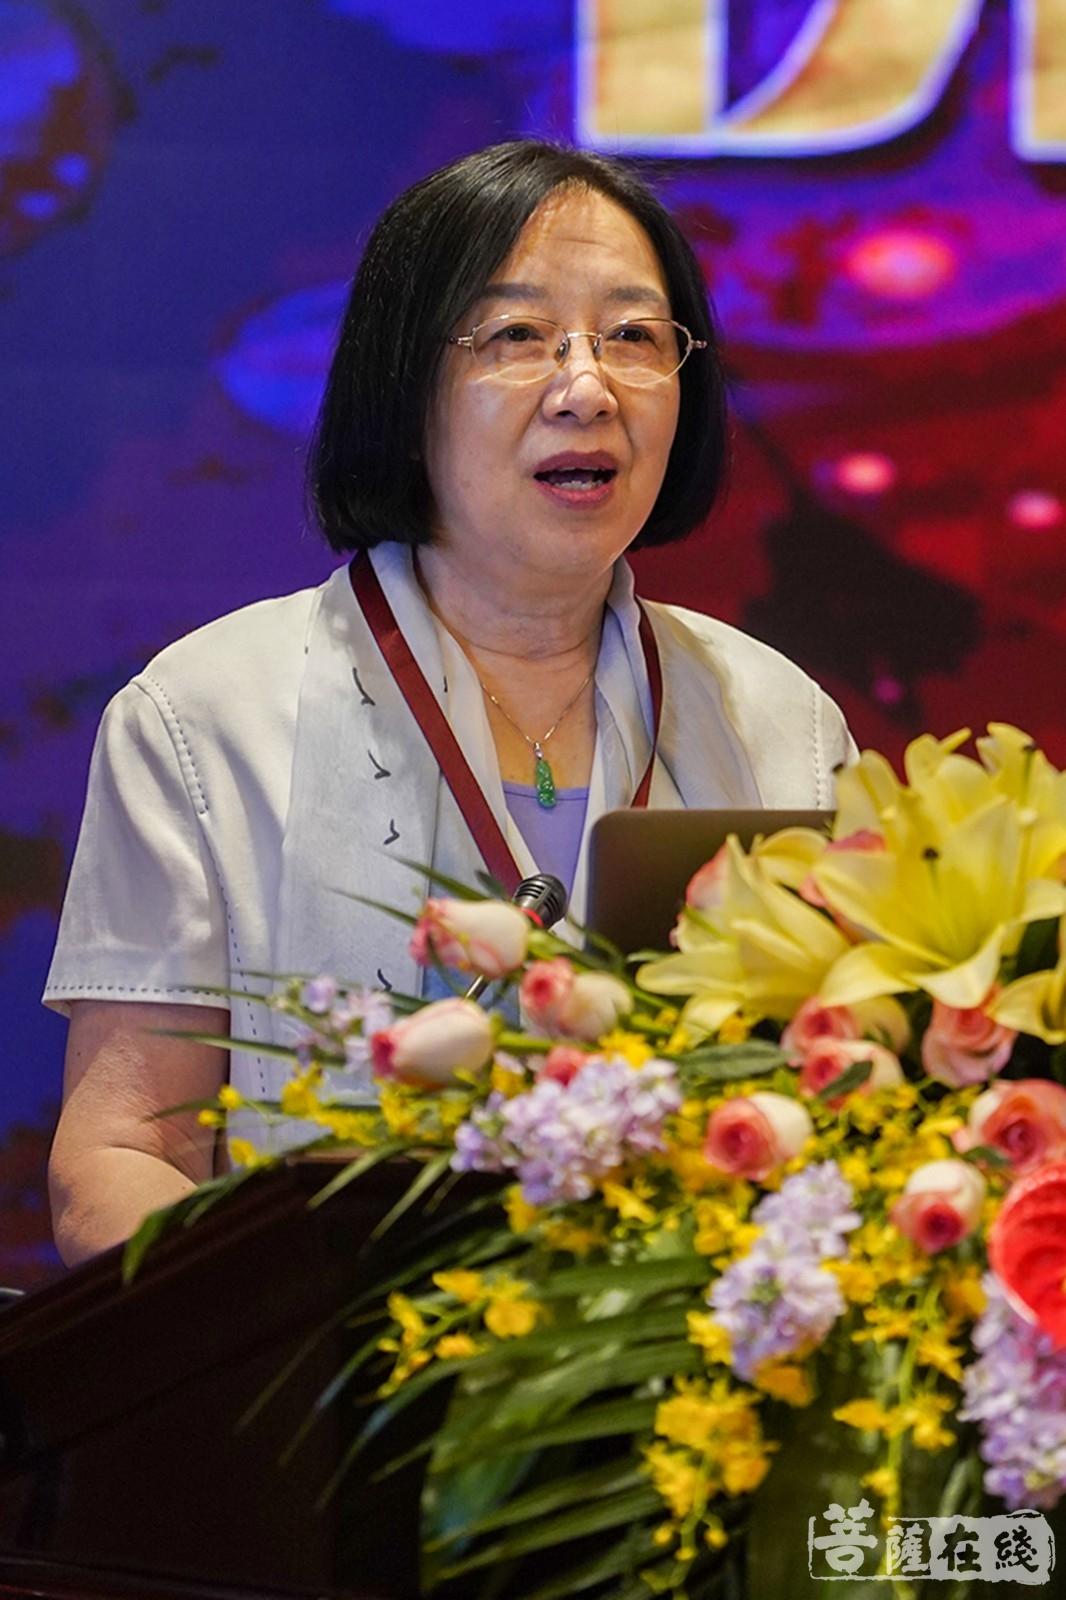 周大力希望这次研讨会能为中国生死学的发展再添一把火(图片来源:菩萨在线 摄影:唐雪凤)